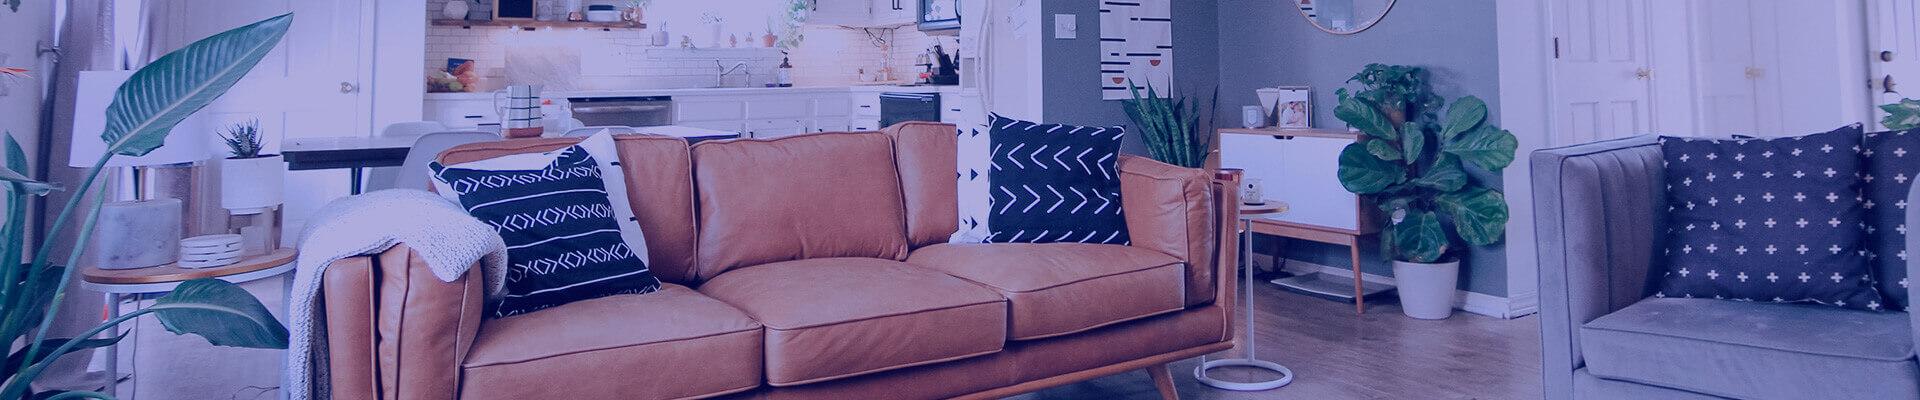 espansione immobiliare di sassuolo vendita acquisto affitto casa